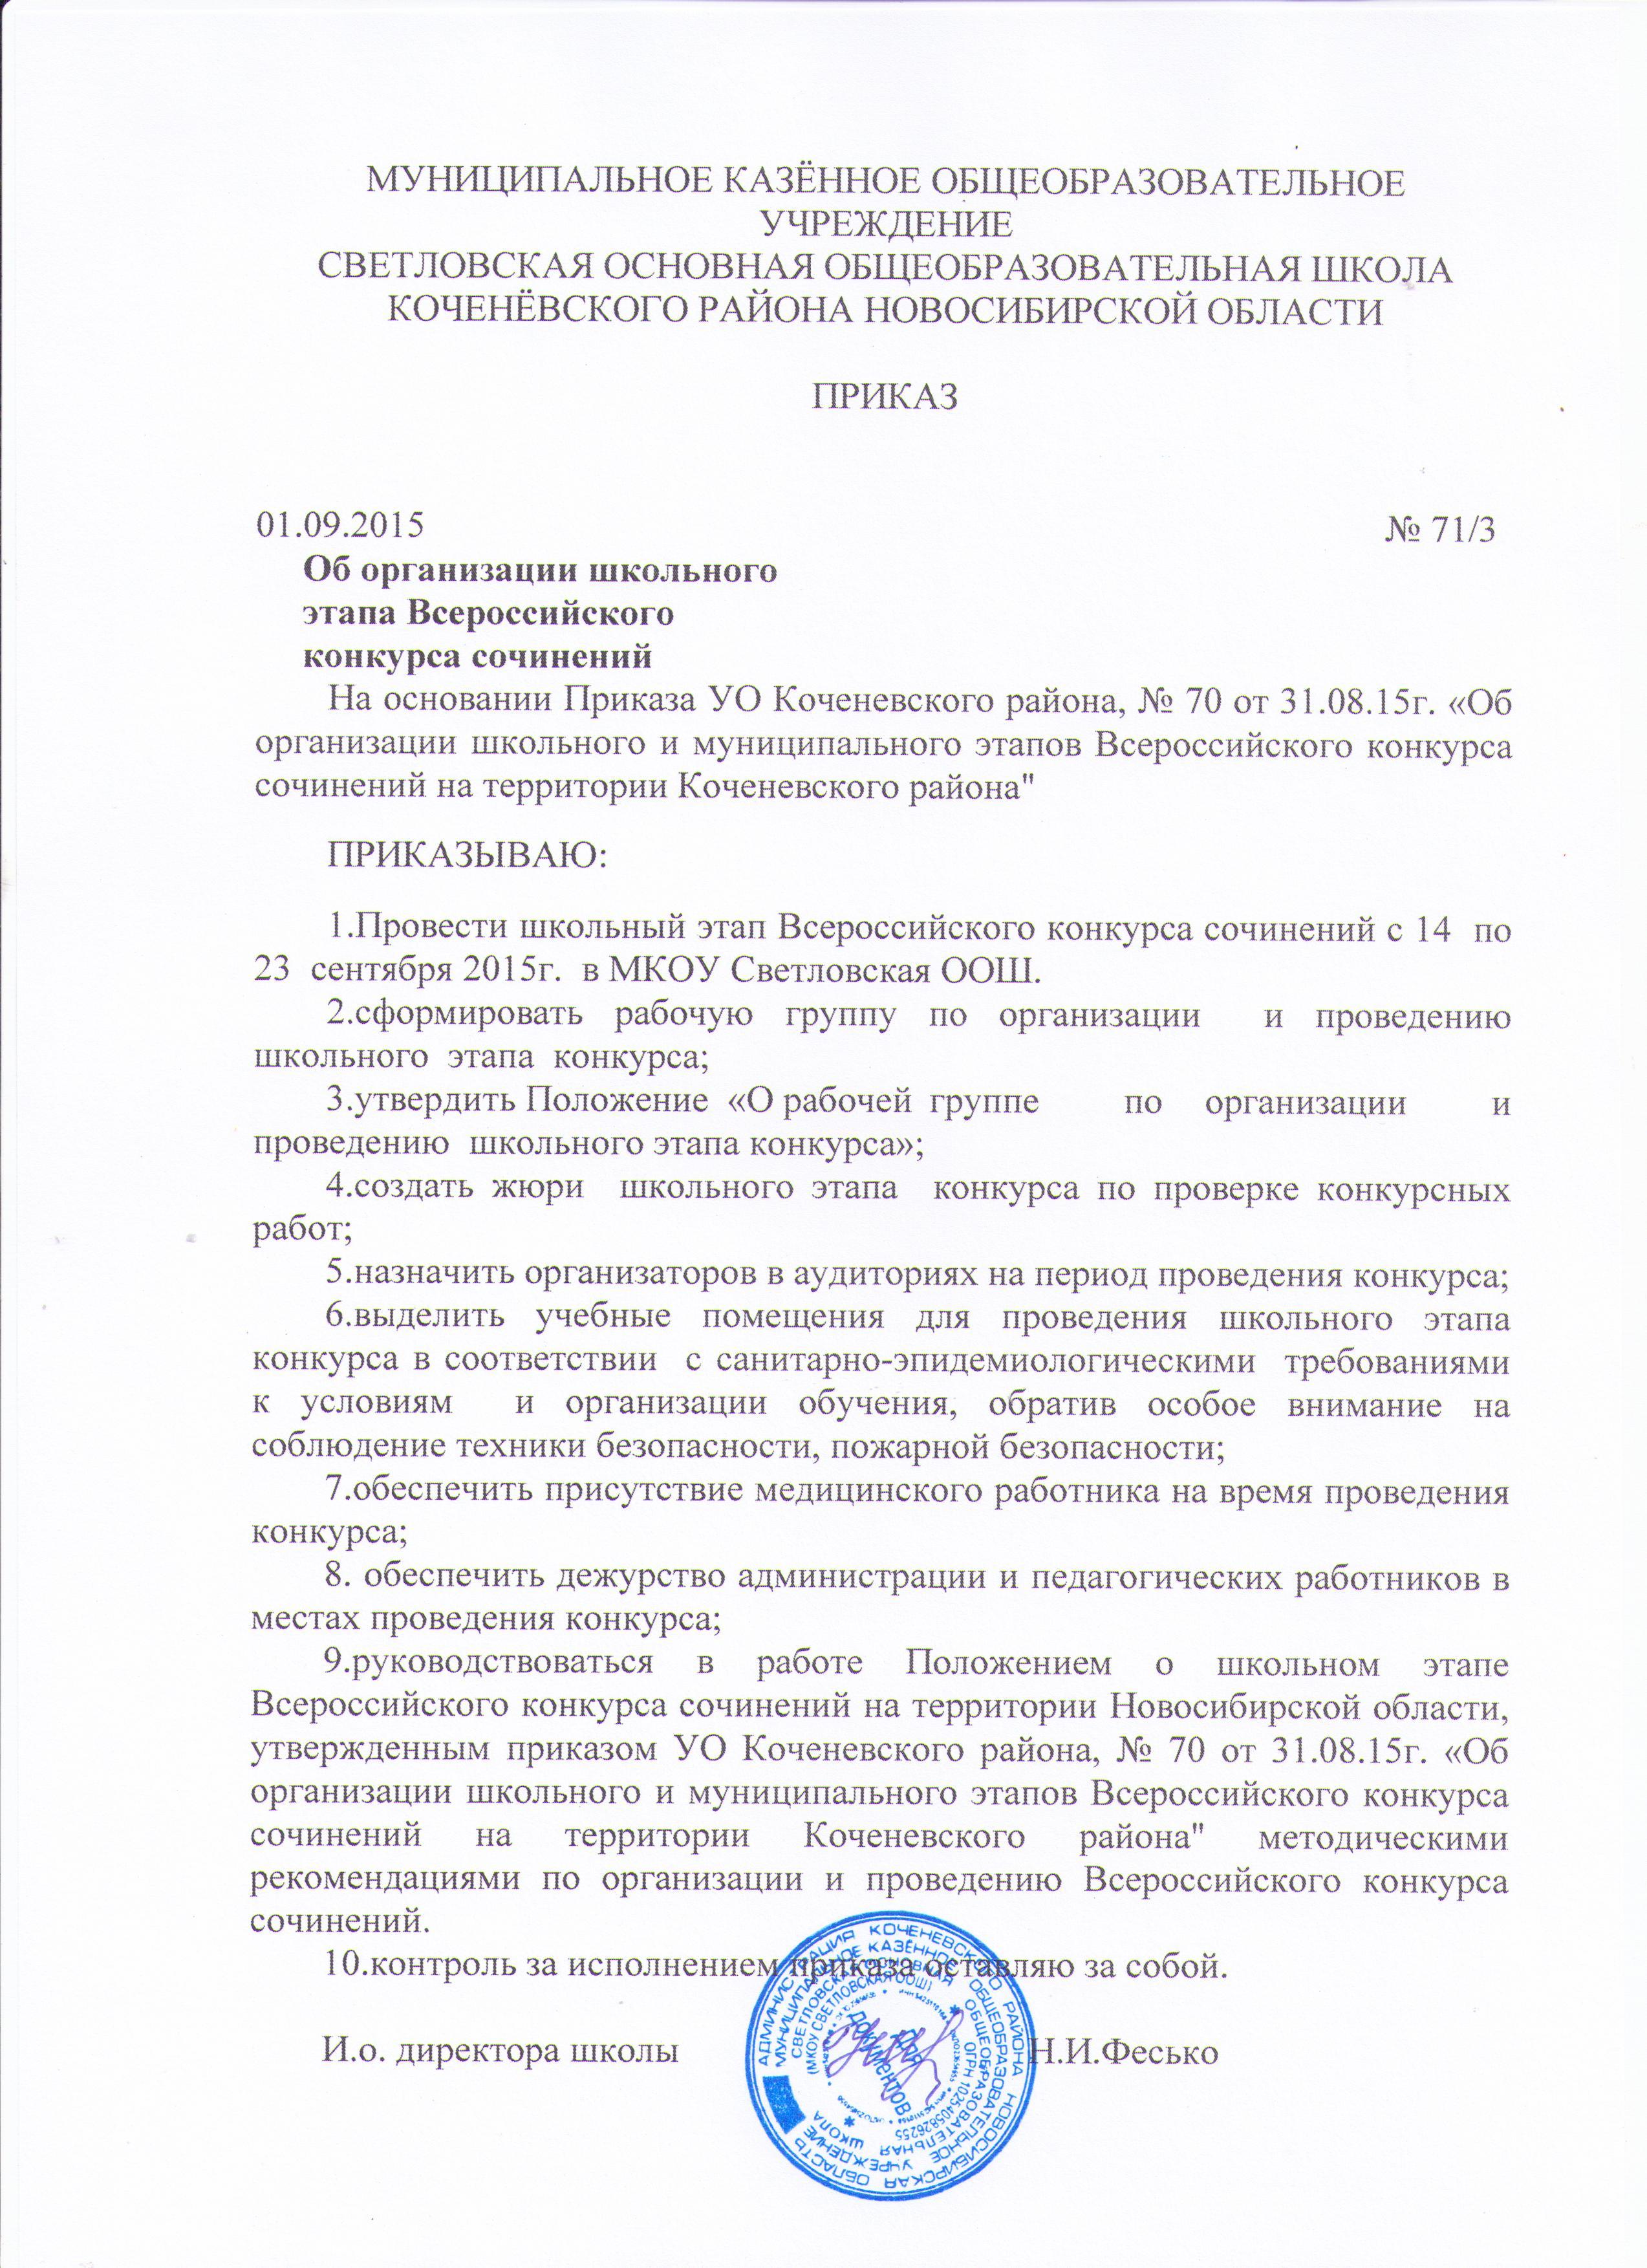 Всероссийский конкурс скачать